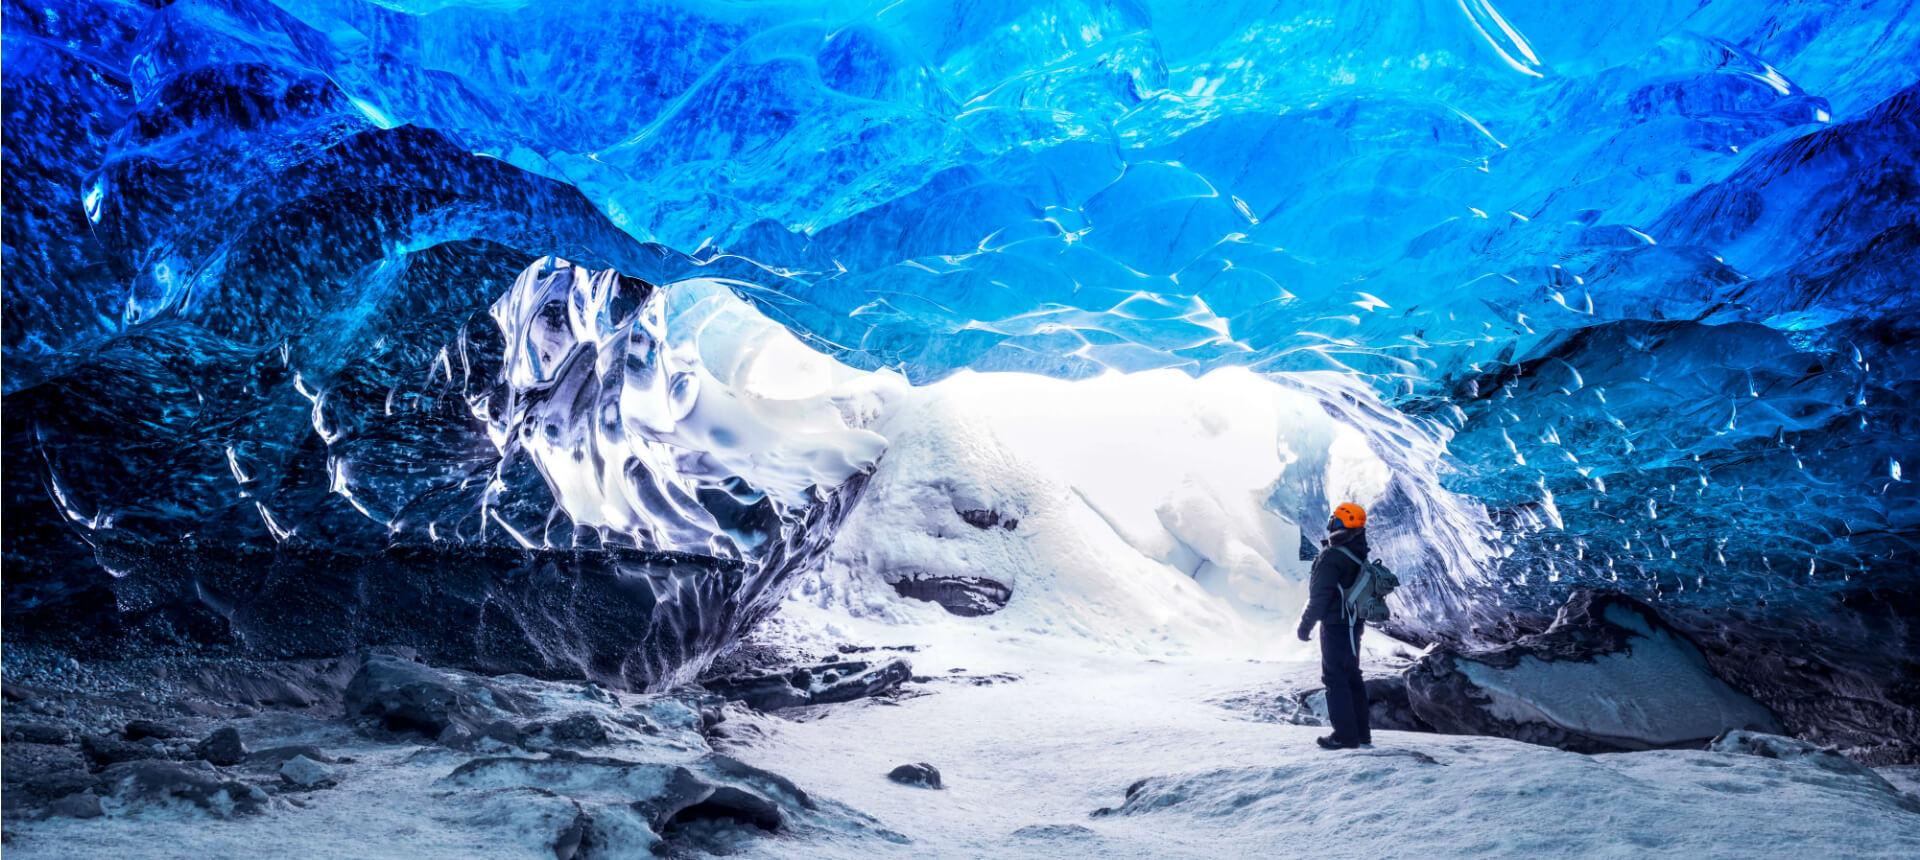 blaue Eishöhle mit Forscher